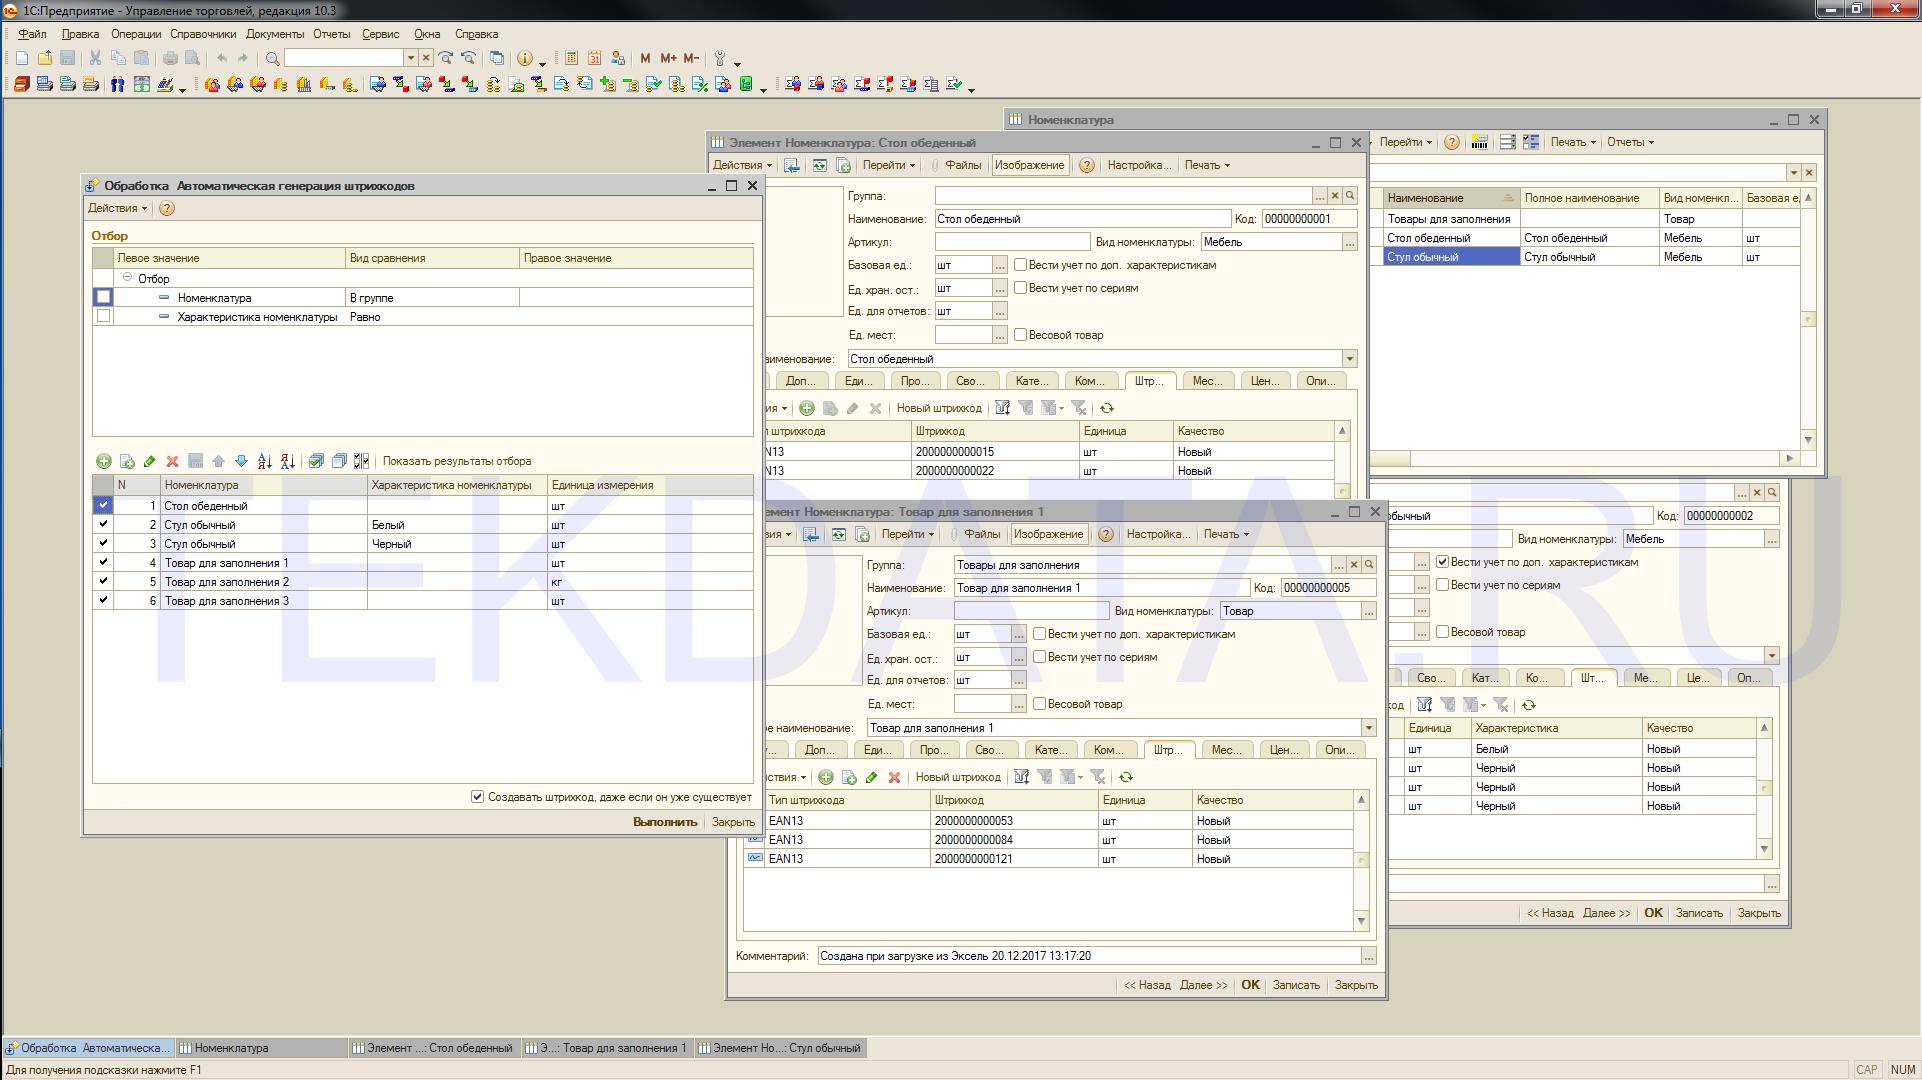 Автоматическая генерация штрихкодов для 1С: УТ 10.3 (Внешняя обработка)